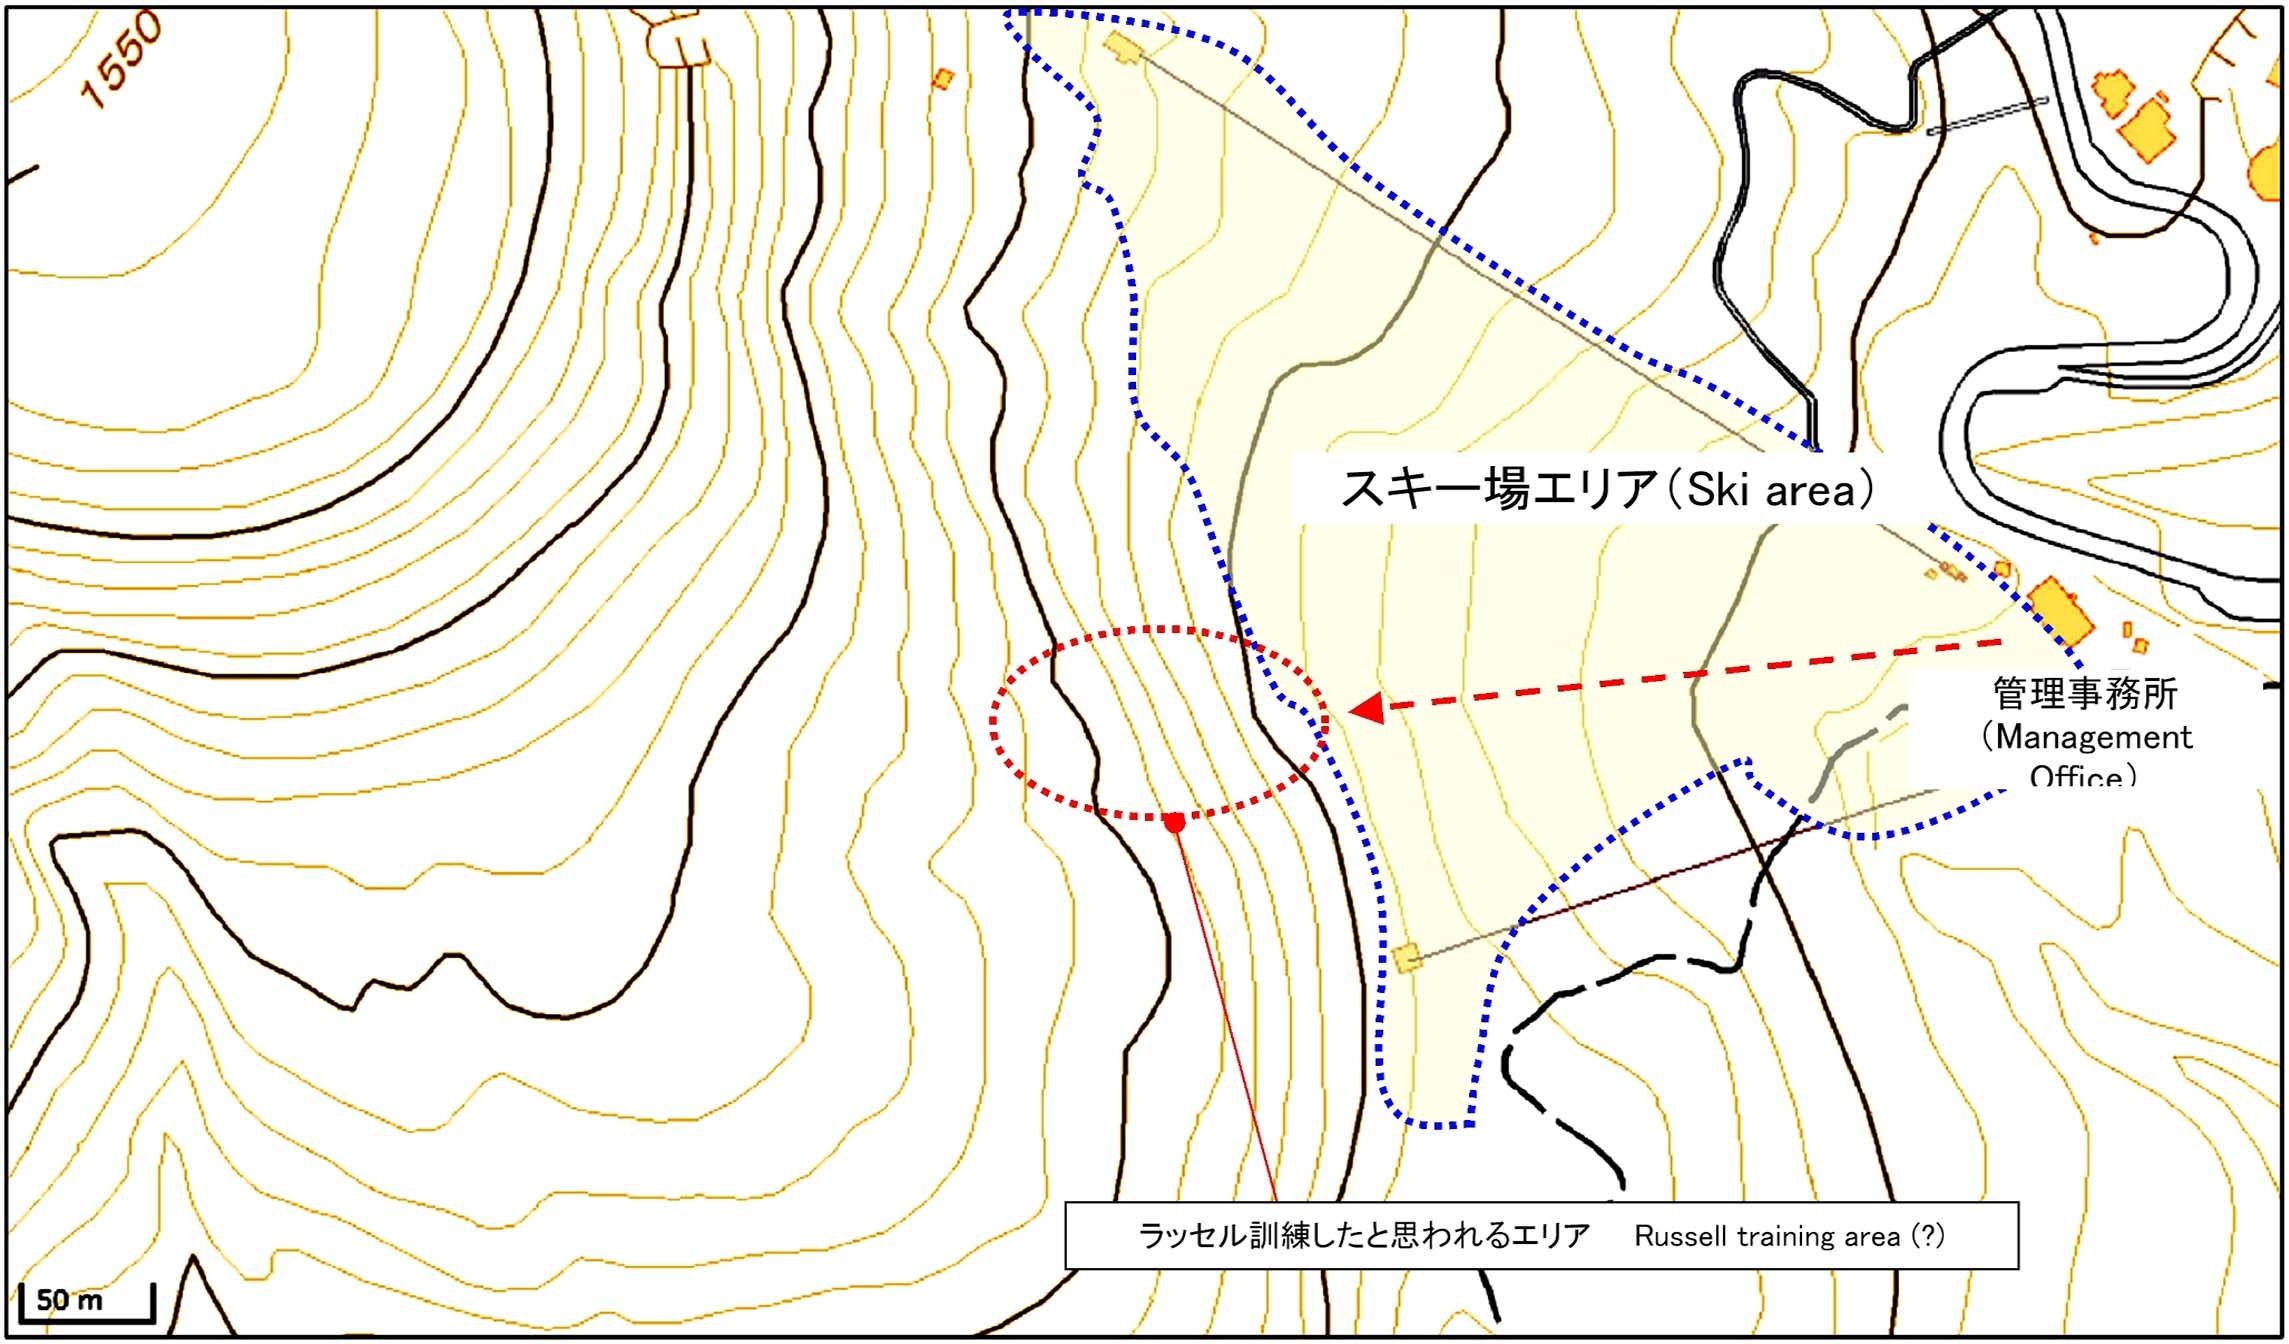 那須の雪崩事故現場周辺図(1)